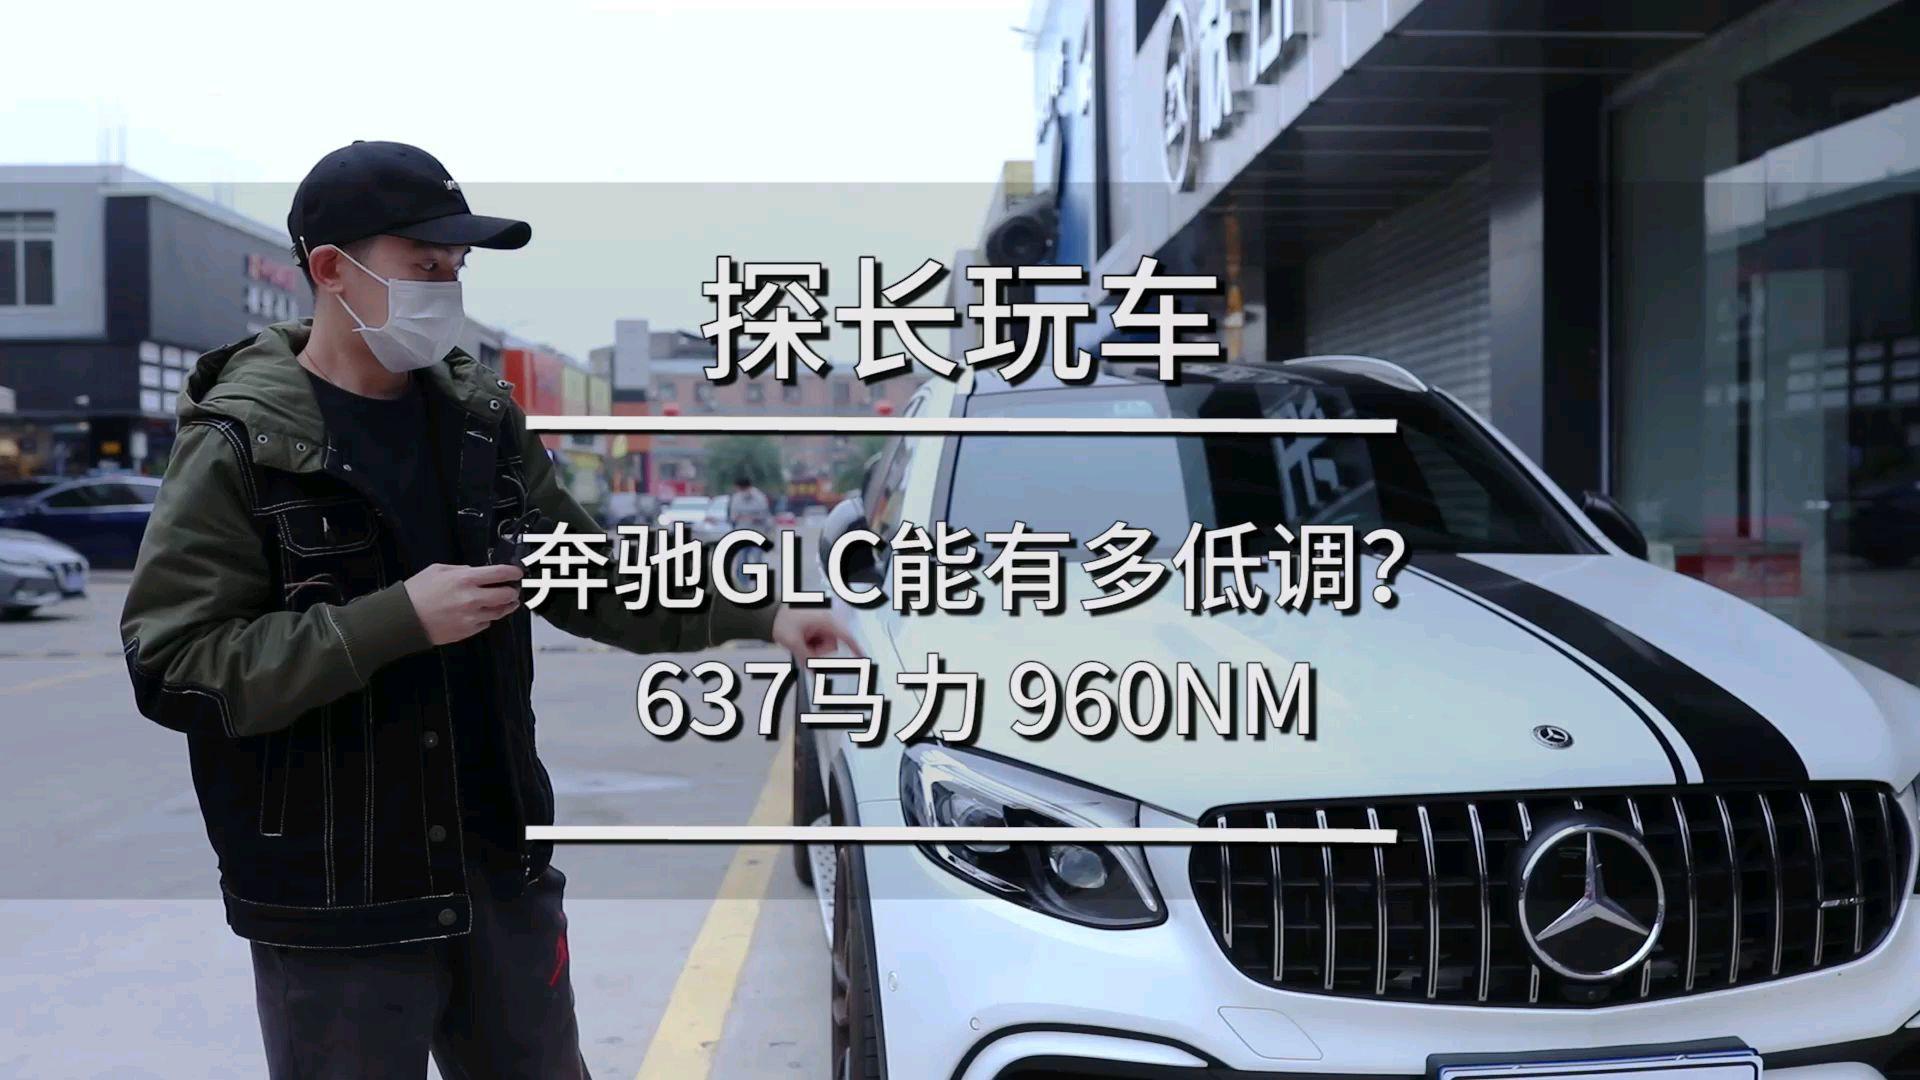 不是所有的奔驰GLC都这么低调的!GLC63一阶程序!637马力,960牛米,谁来蹦谁!